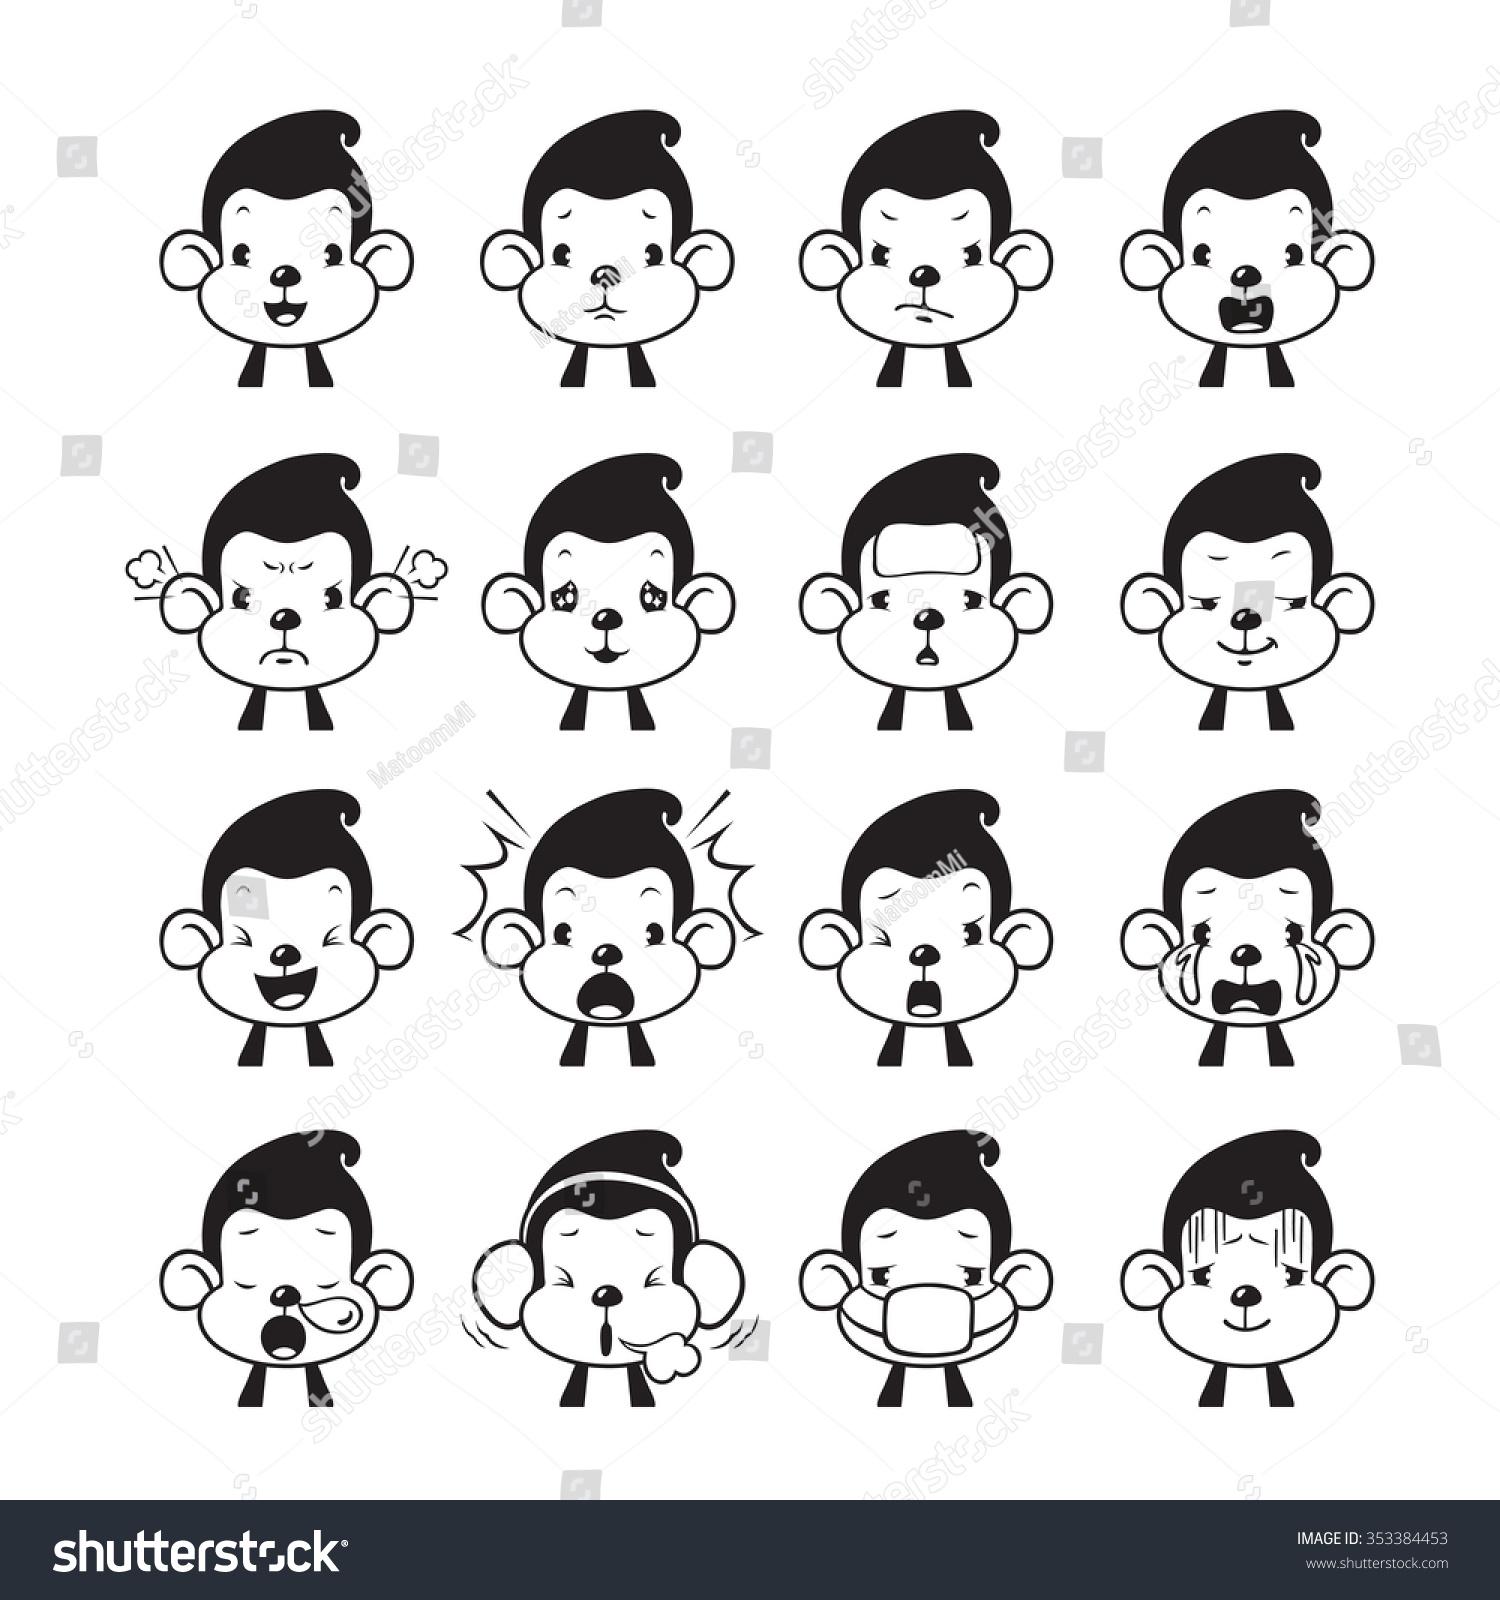 Monkey Emoticons Set Monochrome Animal Emoji Stock Vector